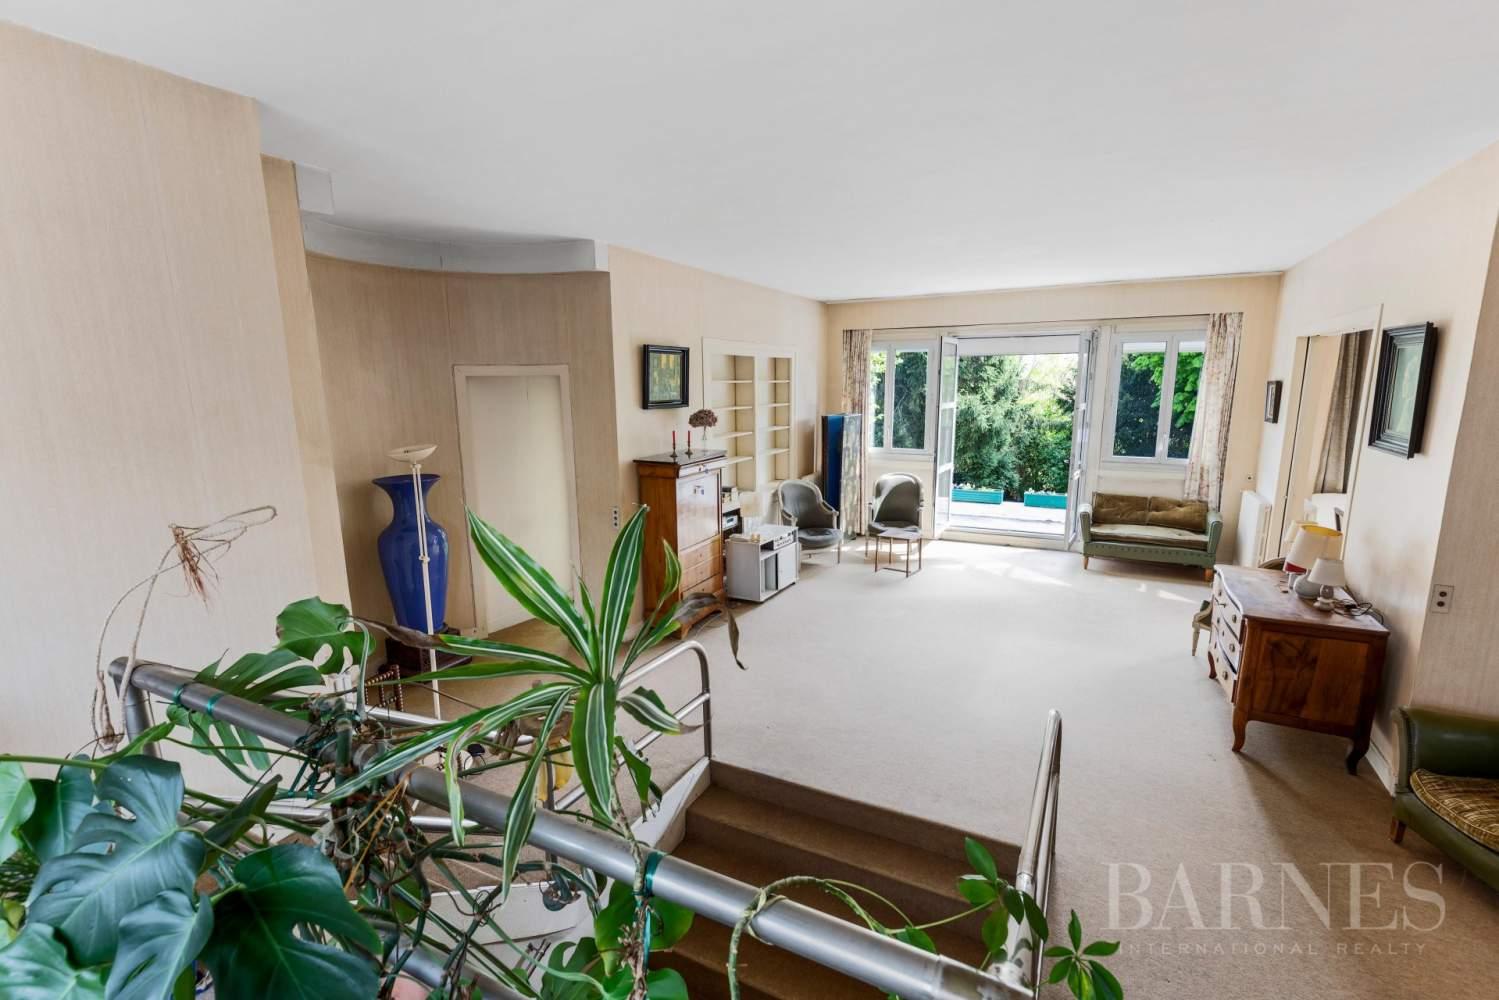 Saint-Cloud Montretout, maison 1930 de 286 m² habitables sur terrain sud 792 m² picture 7